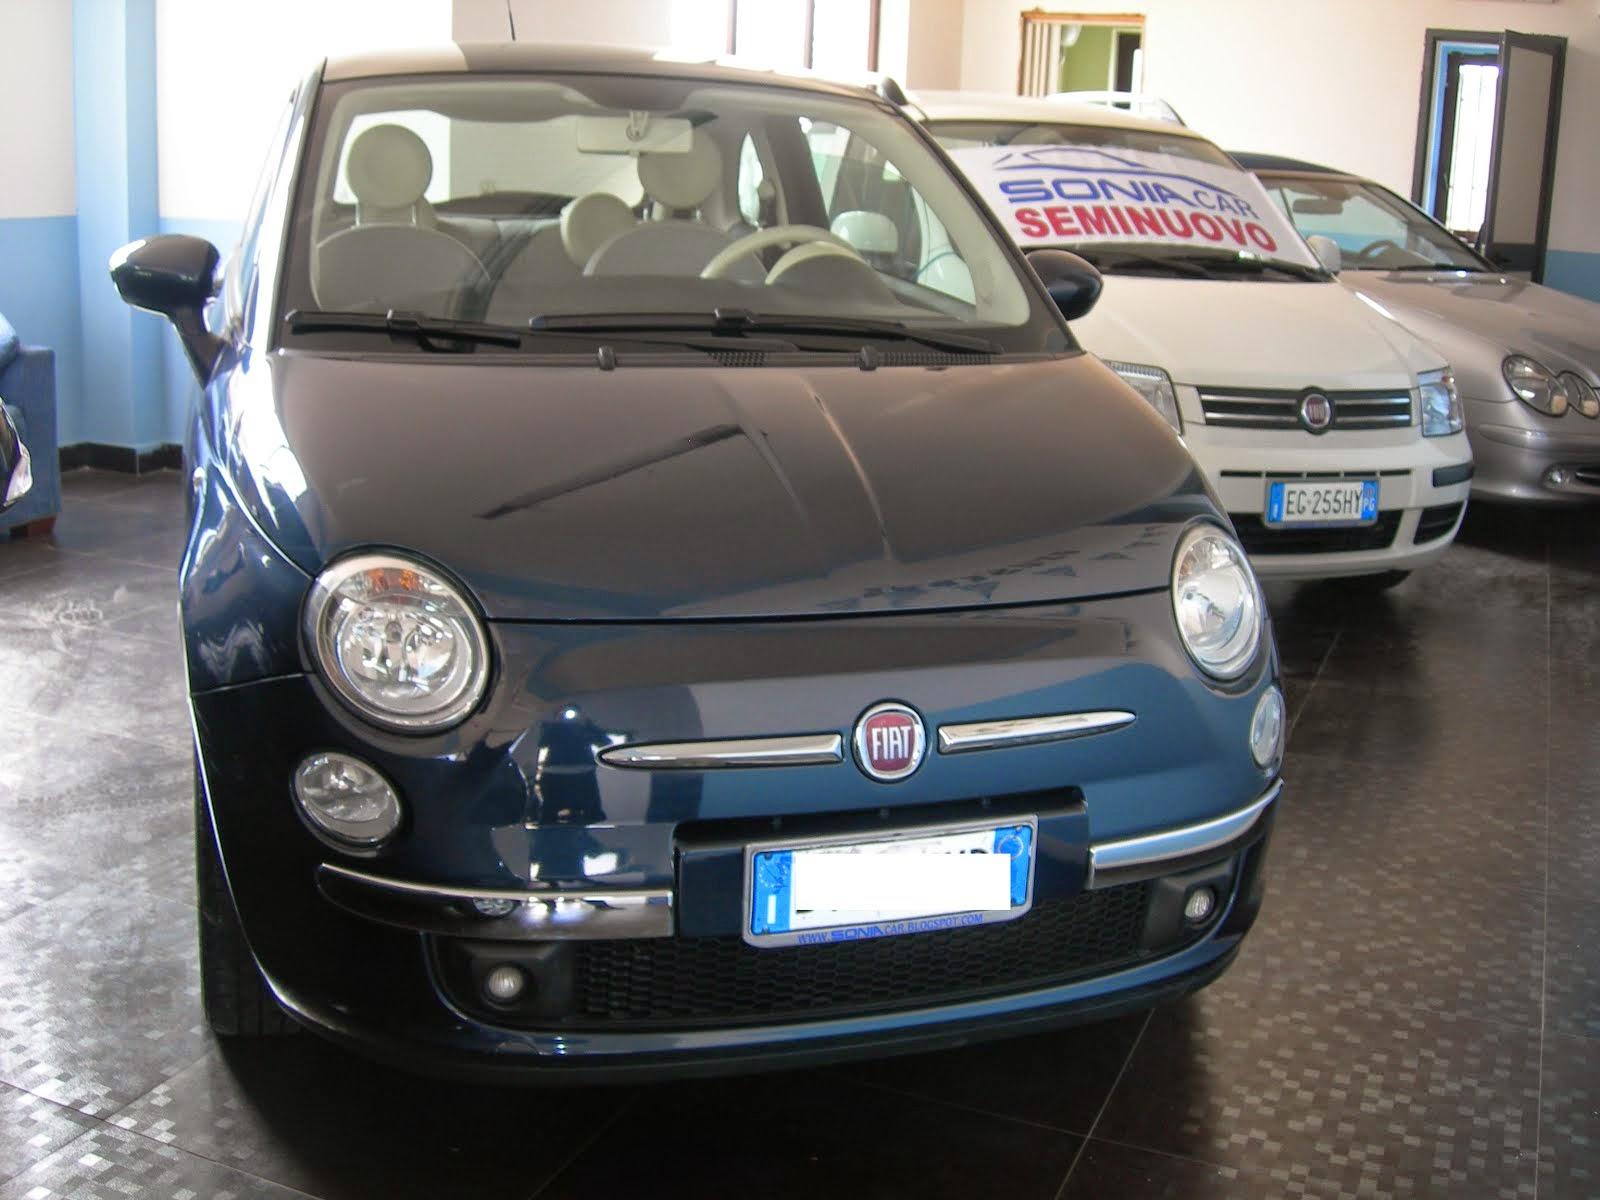 Fiat 500 1.2 Lounge Tetto Panoramico e altri accessori 60.000 km Unico Prop.